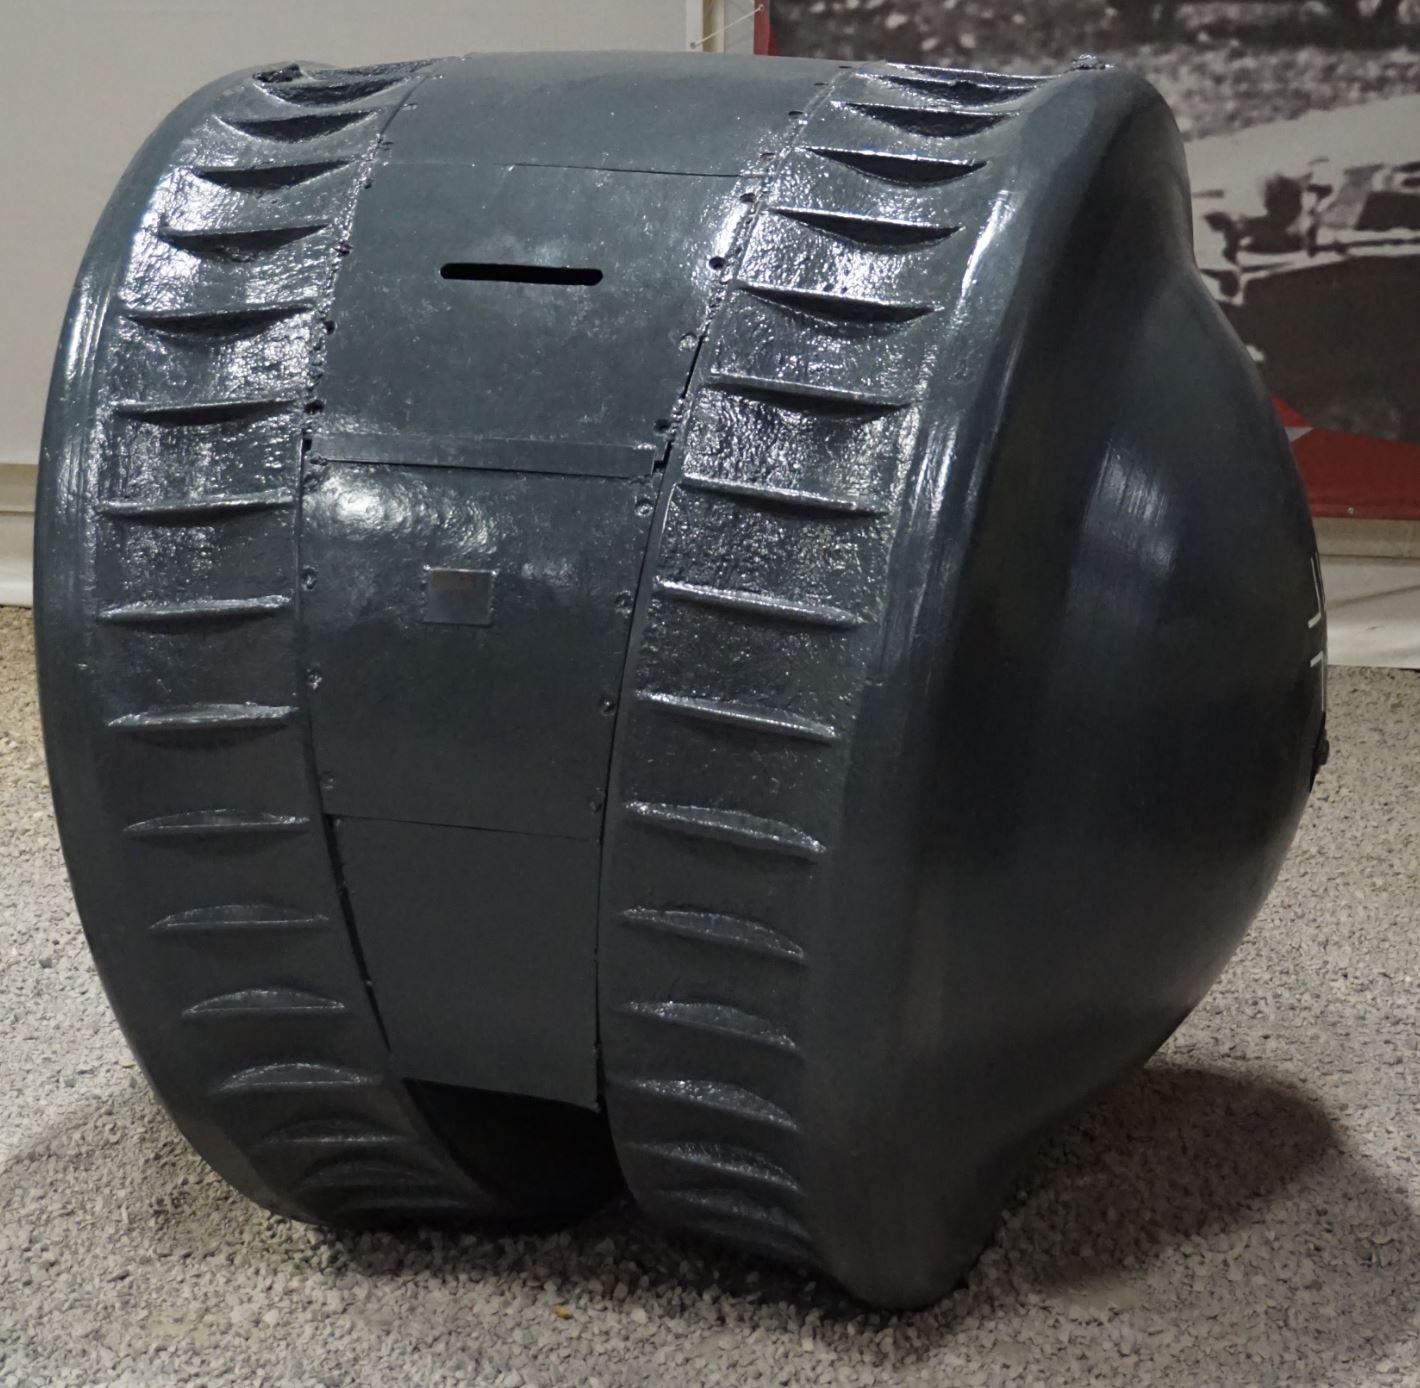 Le Kugelpanzer . Park-Patriot-Expo-blind%C3%A9s-44-THEATRUM-BELLI-St%C3%A9phane-Gaudin